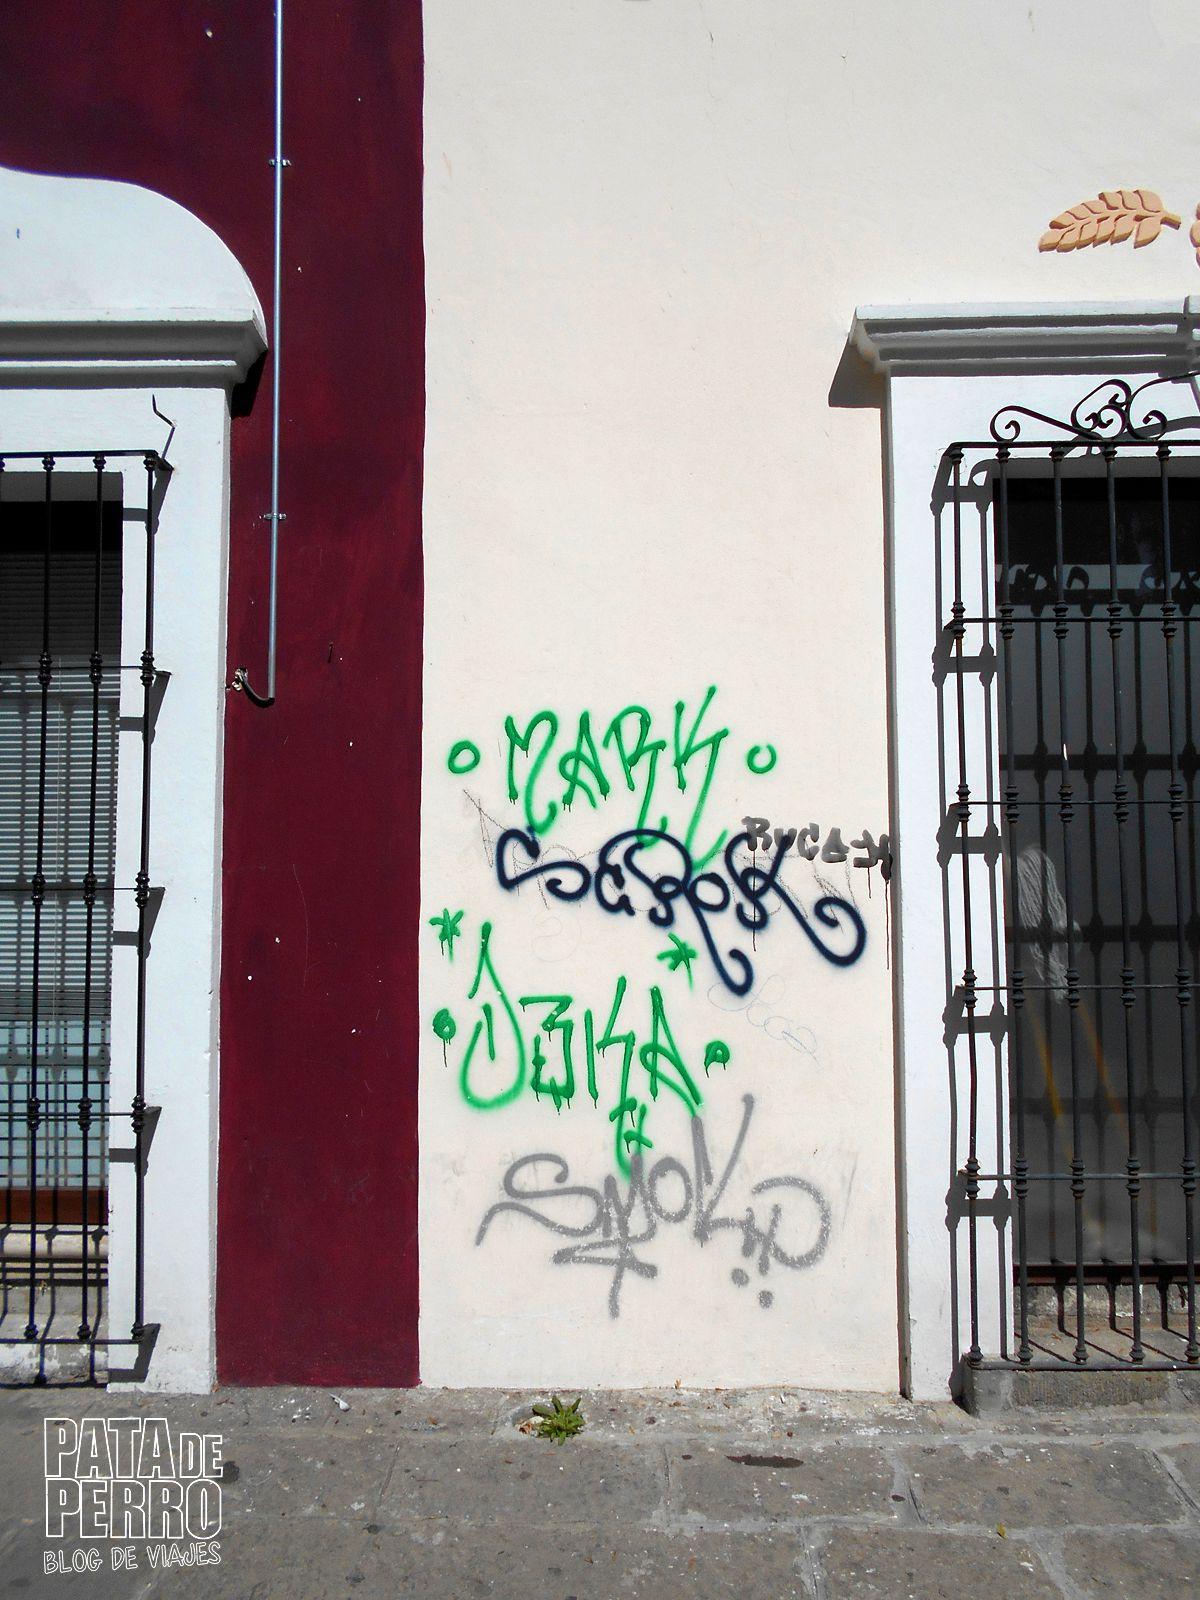 huejotzingo puebla mexico pata de perro blog de viajes43